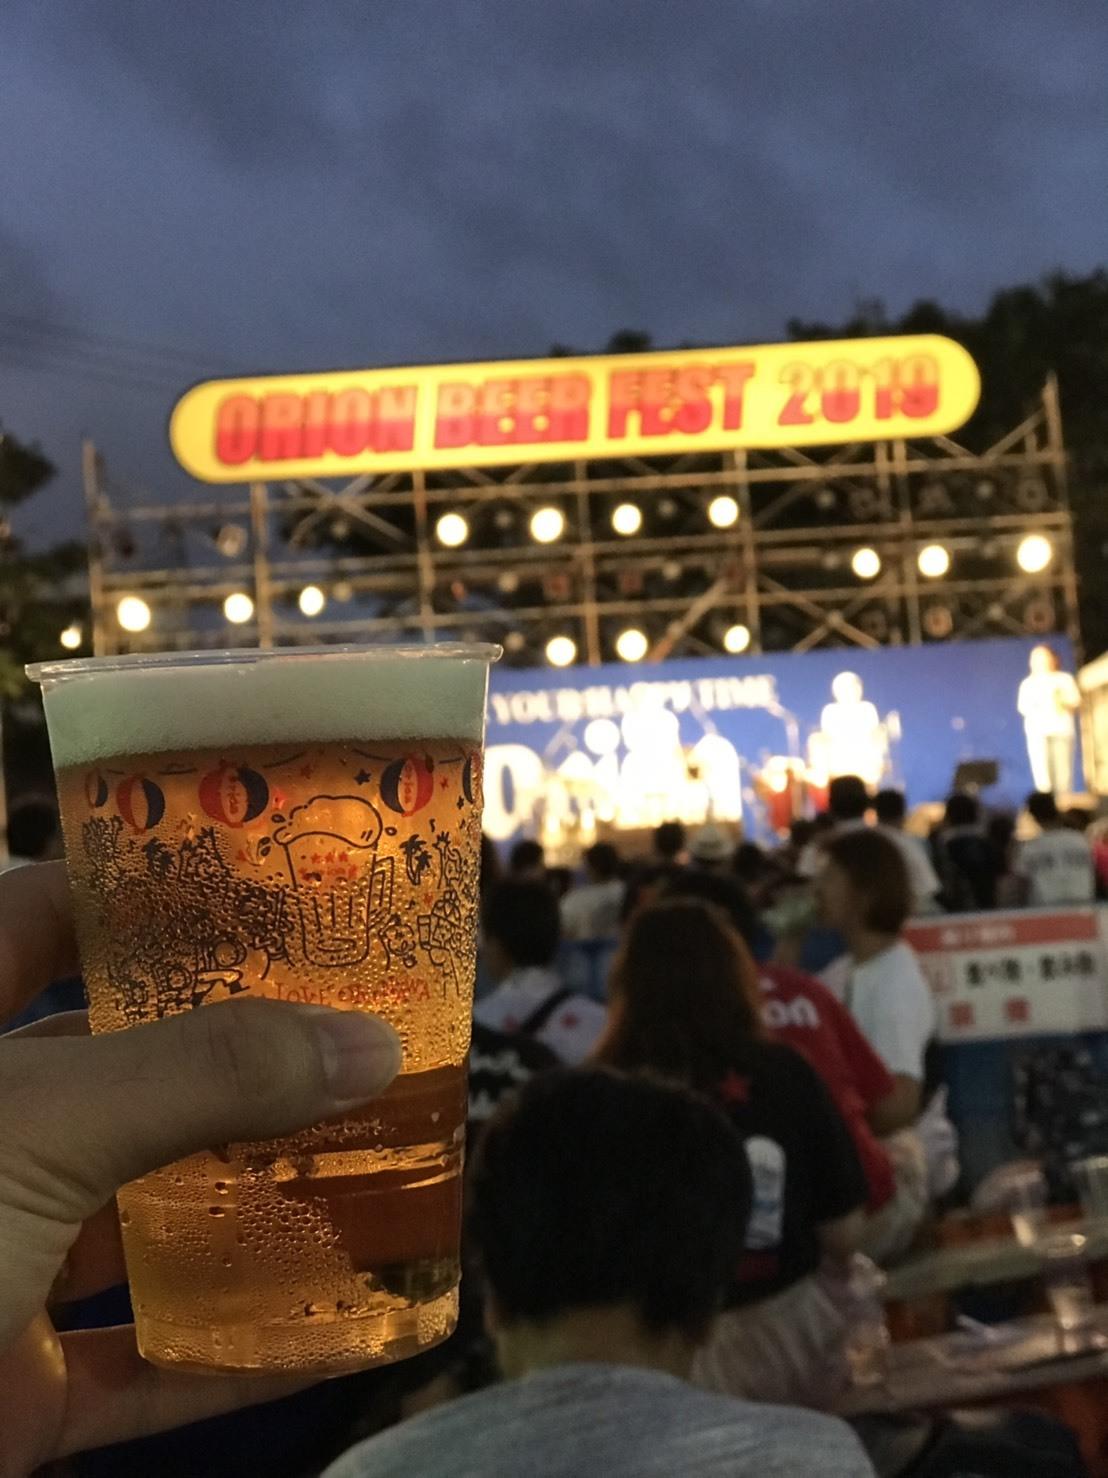 ビールimage1